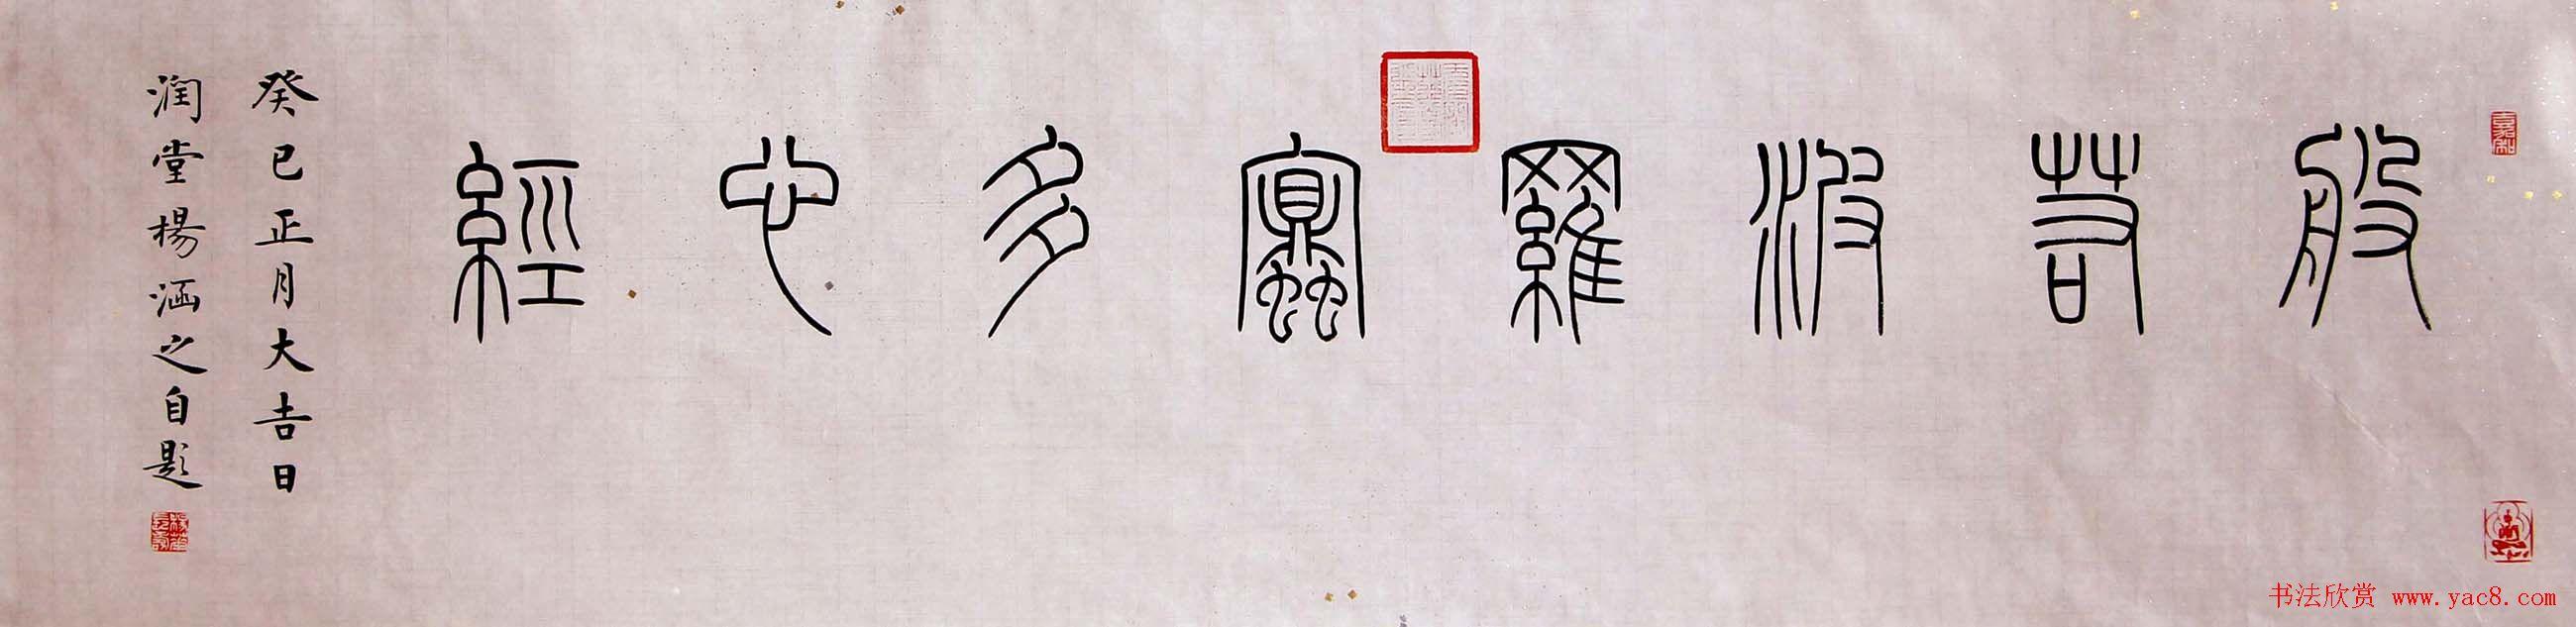 润堂楷书欣赏《般若波罗蜜多心经》三种